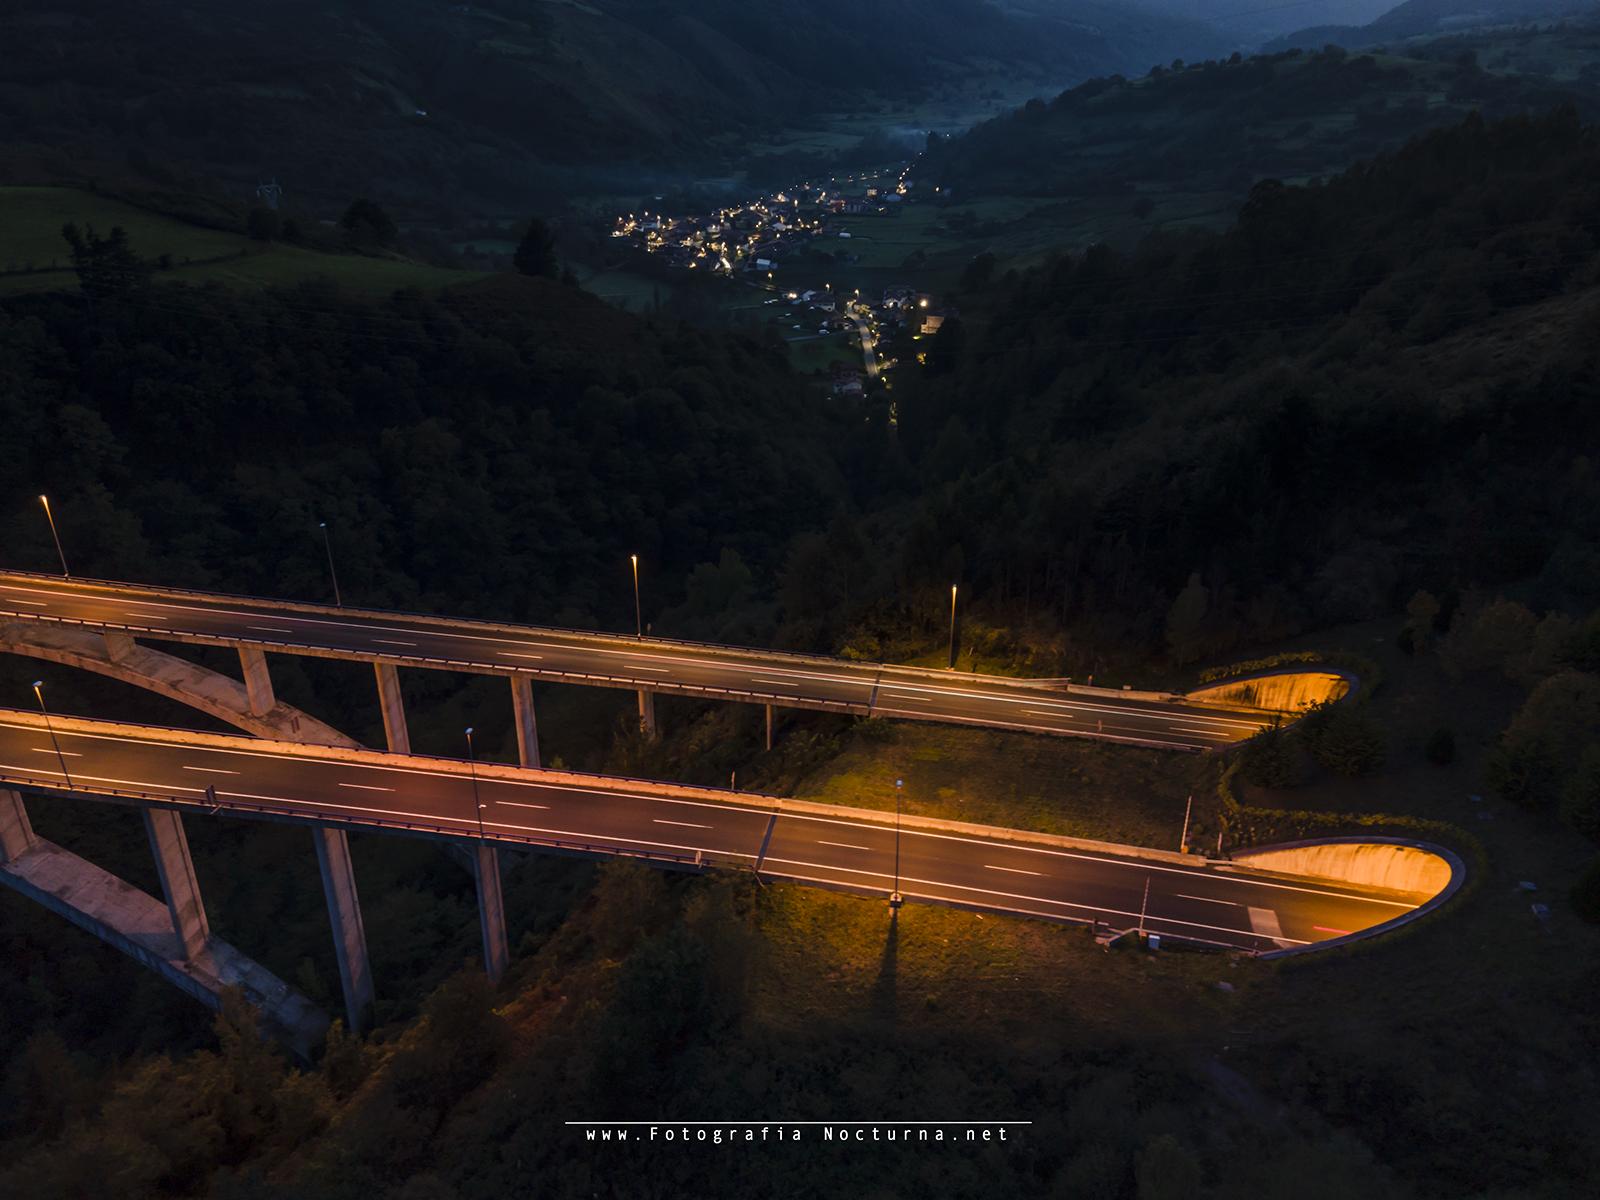 Puente en hora azul + noche